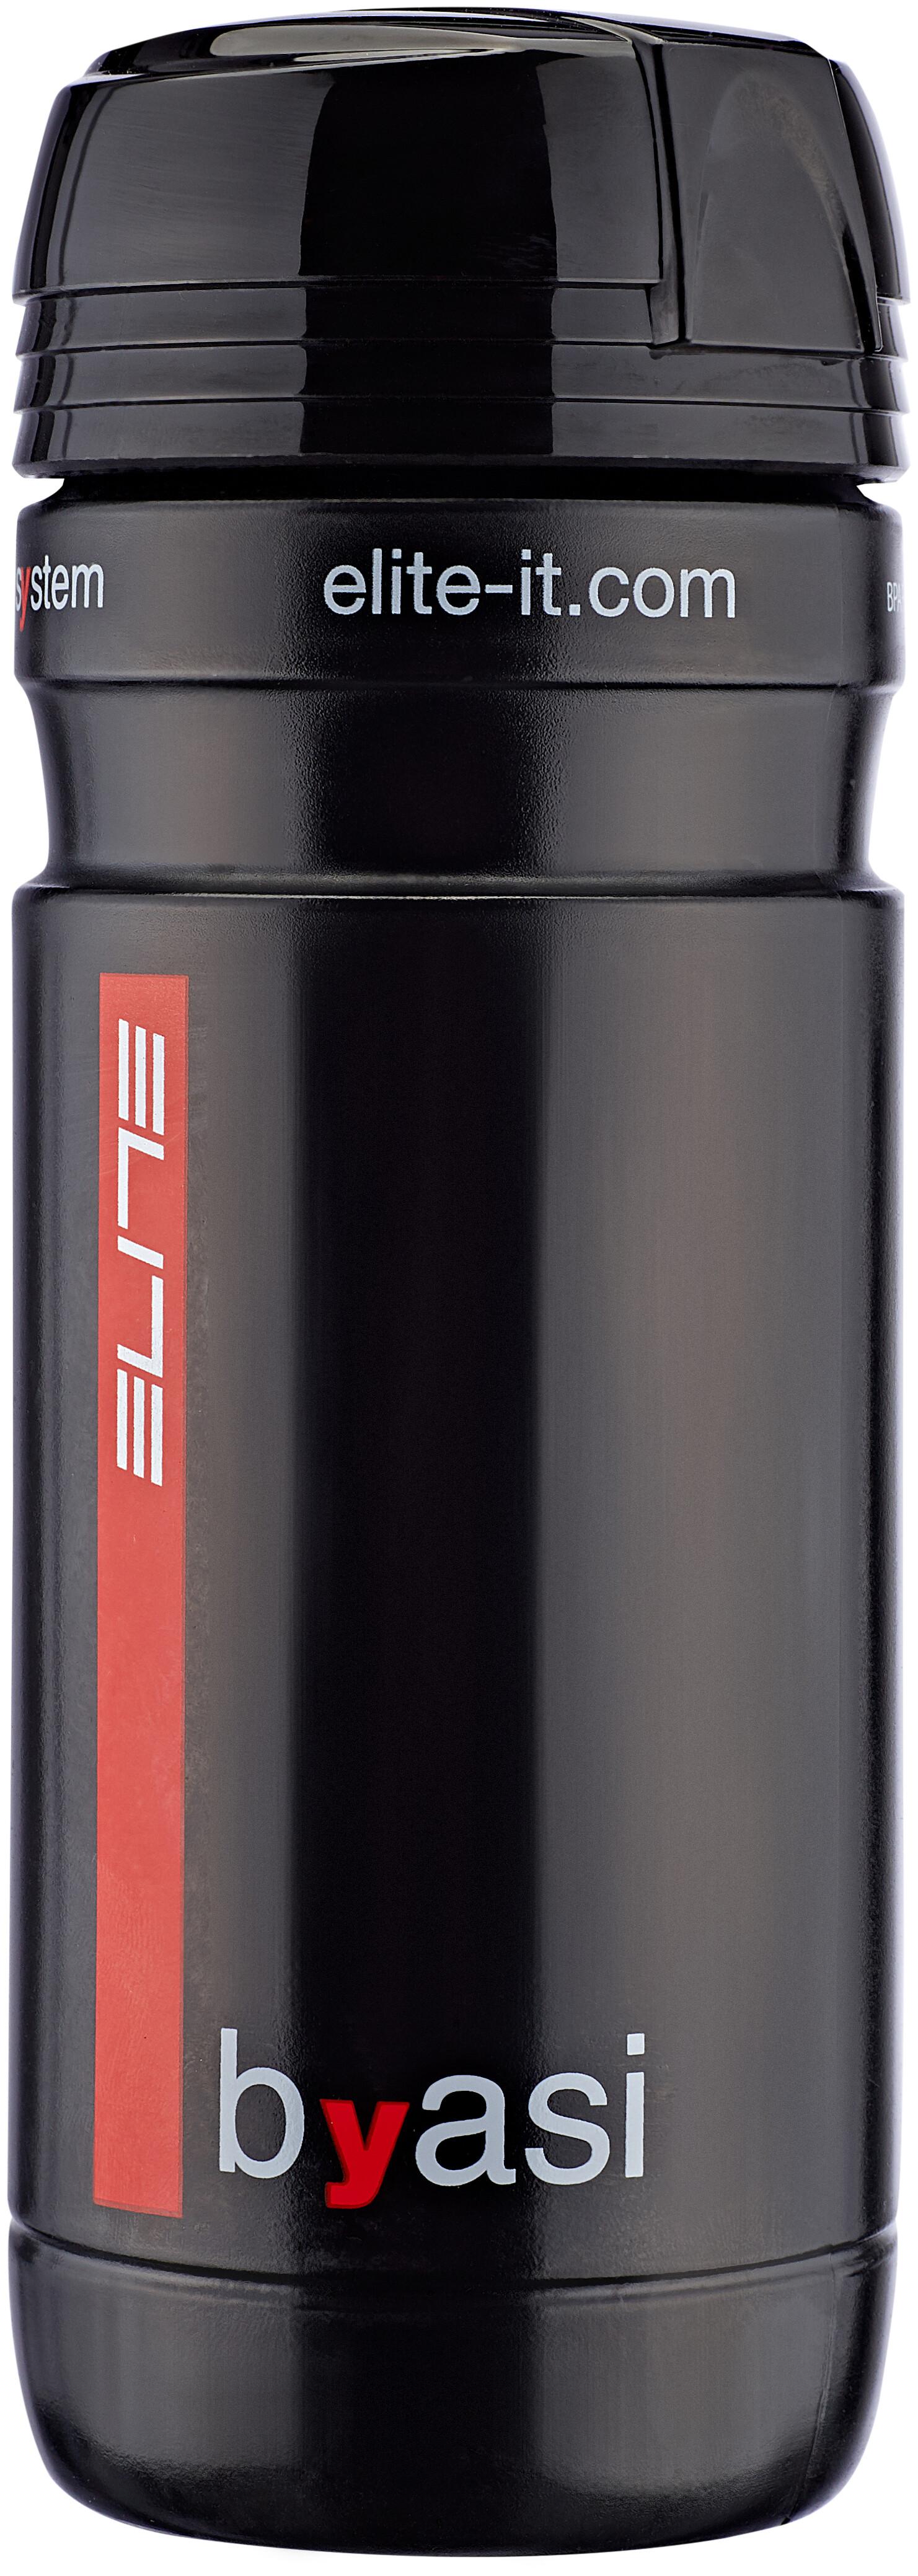 Elite Byasi storage bottle white black